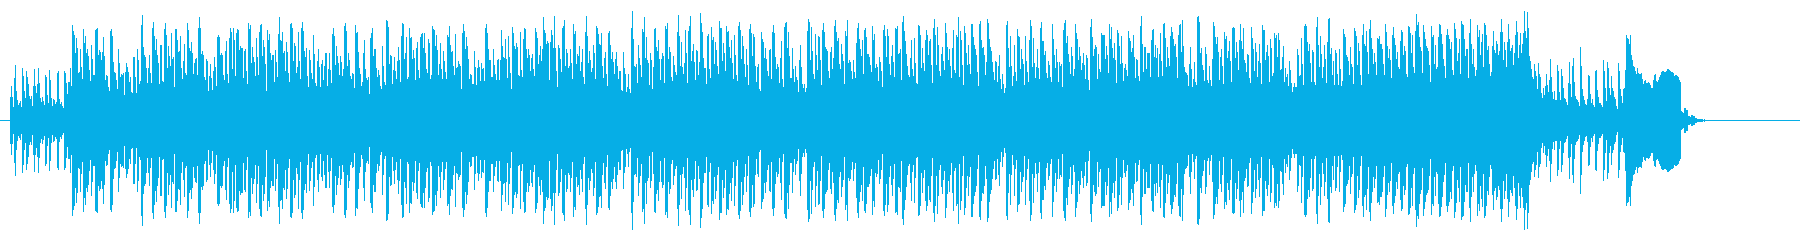 サスペンス風ドラマ/ドキュメントの再生済みの波形